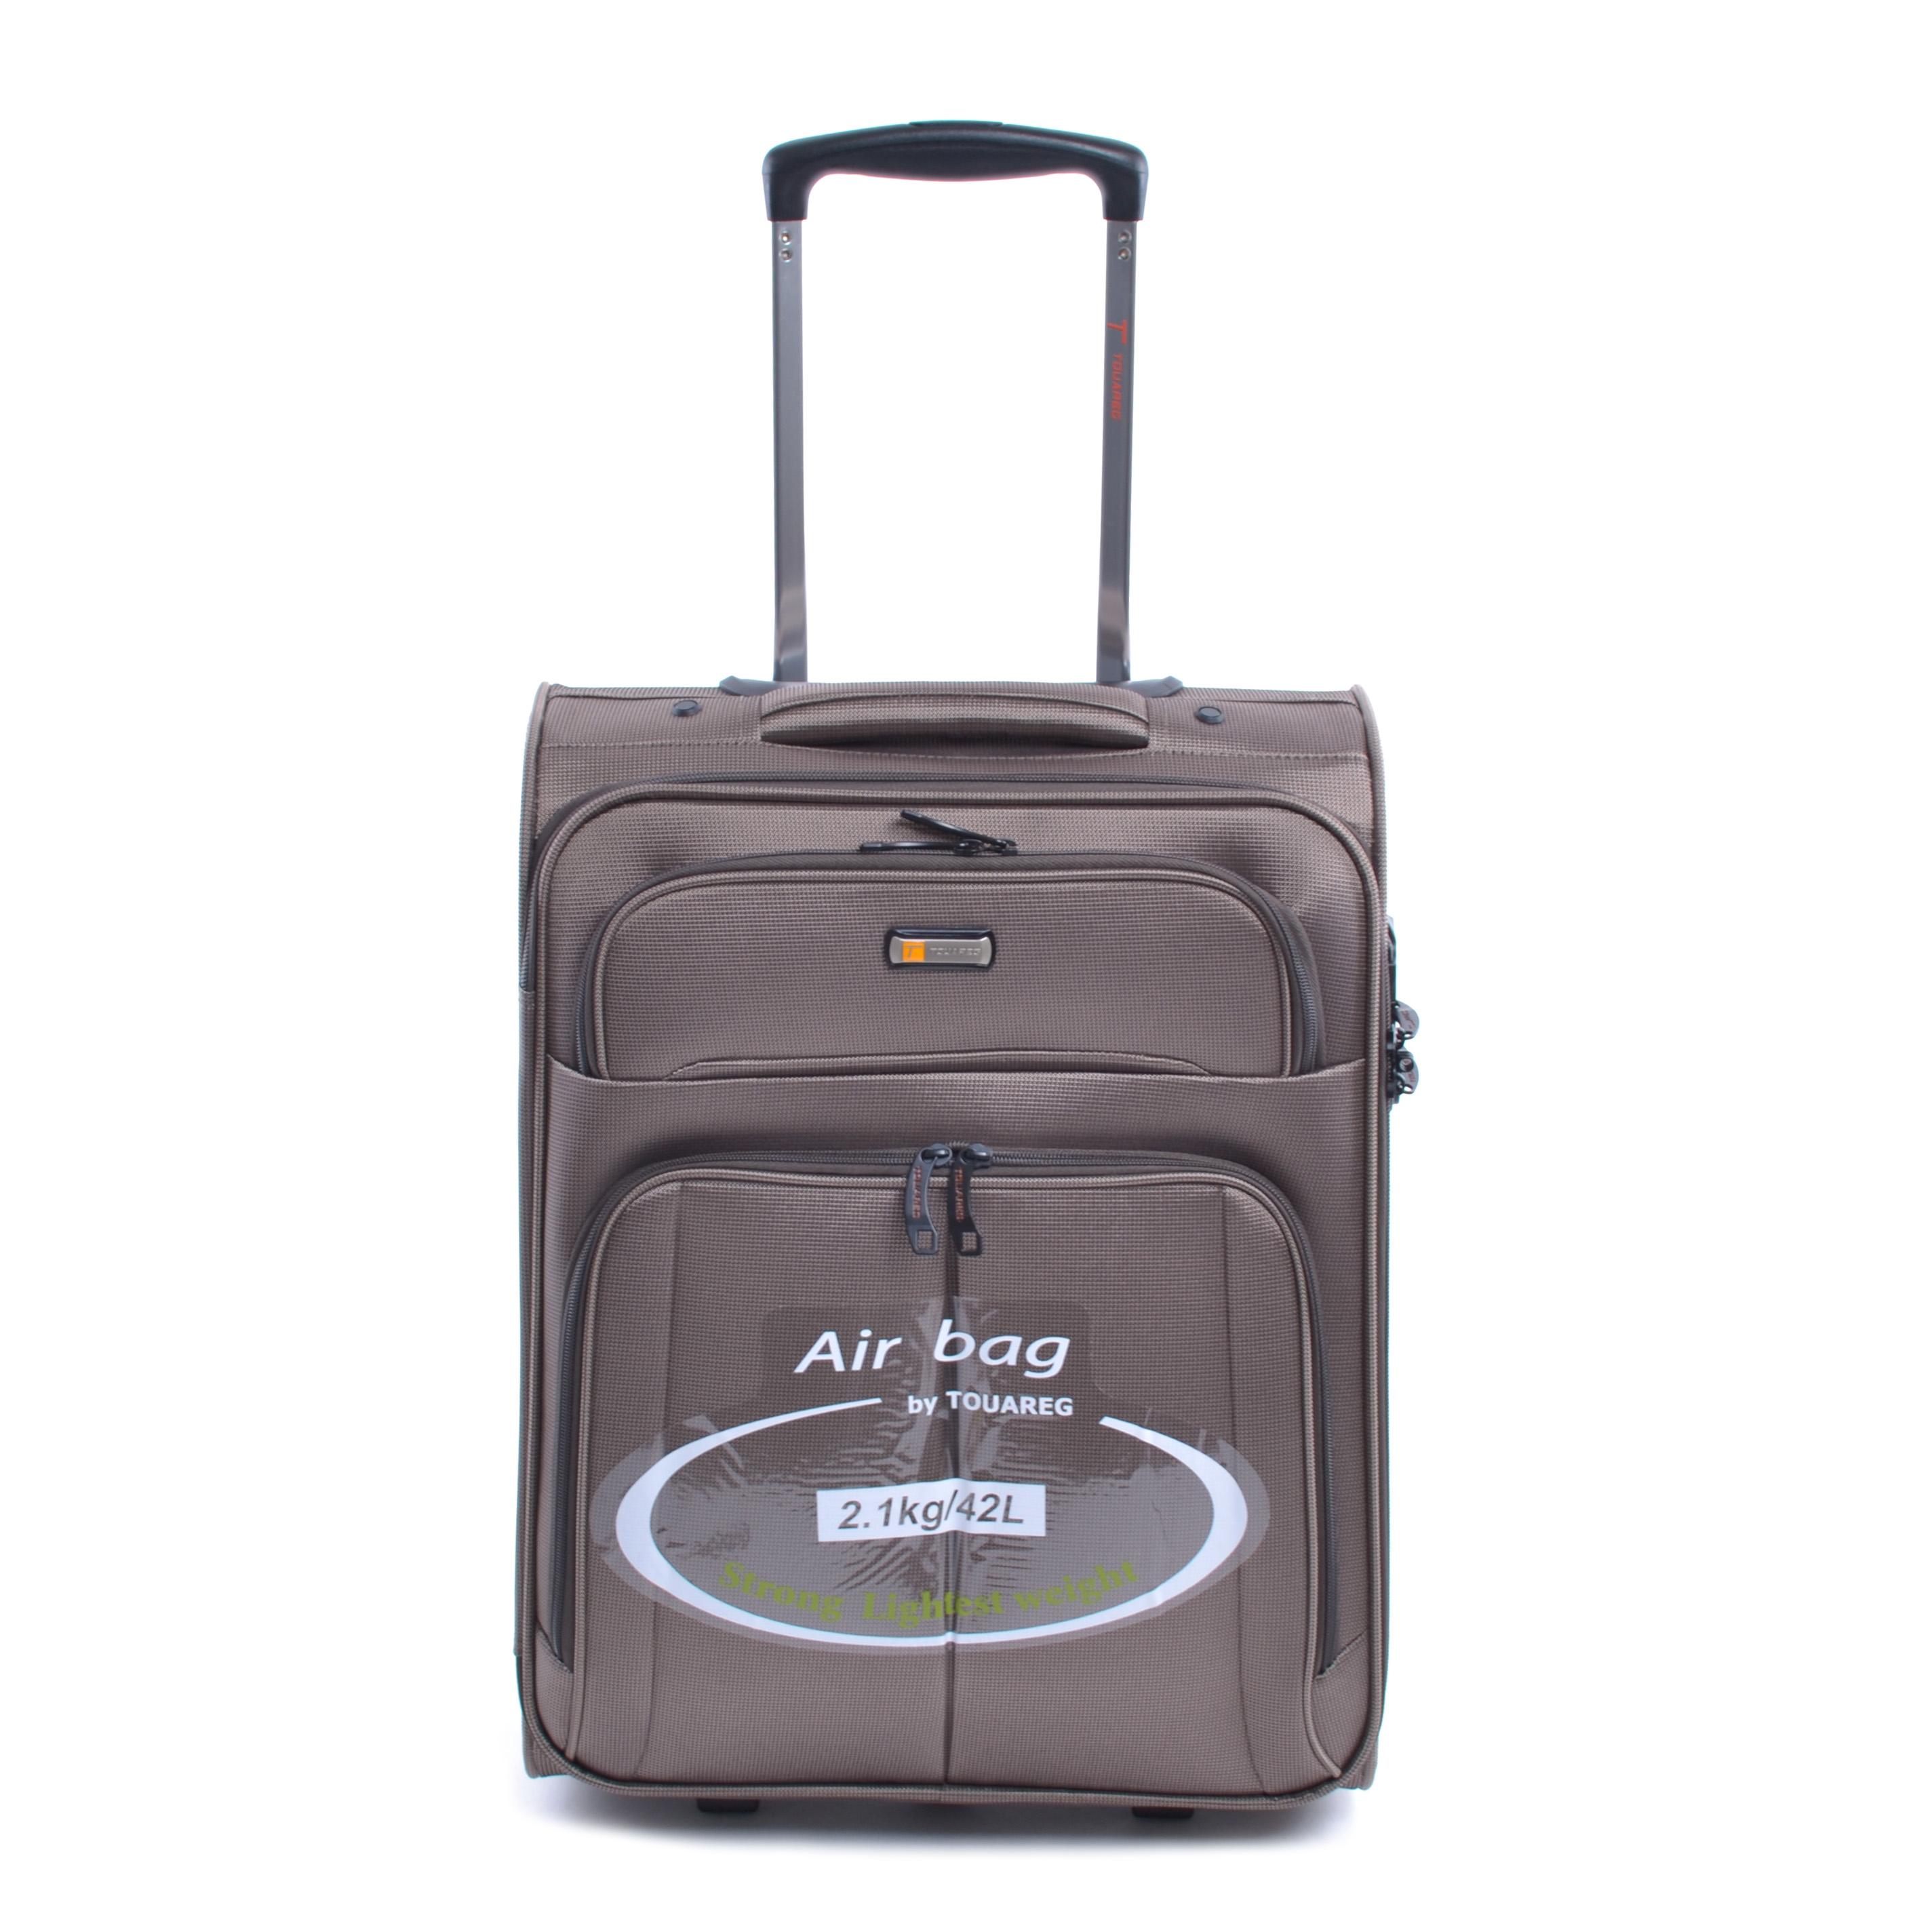 Touareg Drapp Kabinbőrönd - KABIN (kis) MÉRETŰ BŐRÖNDÖK - Táska webáruház -  Minőségi táskák mindenkinek ab7bad6a95